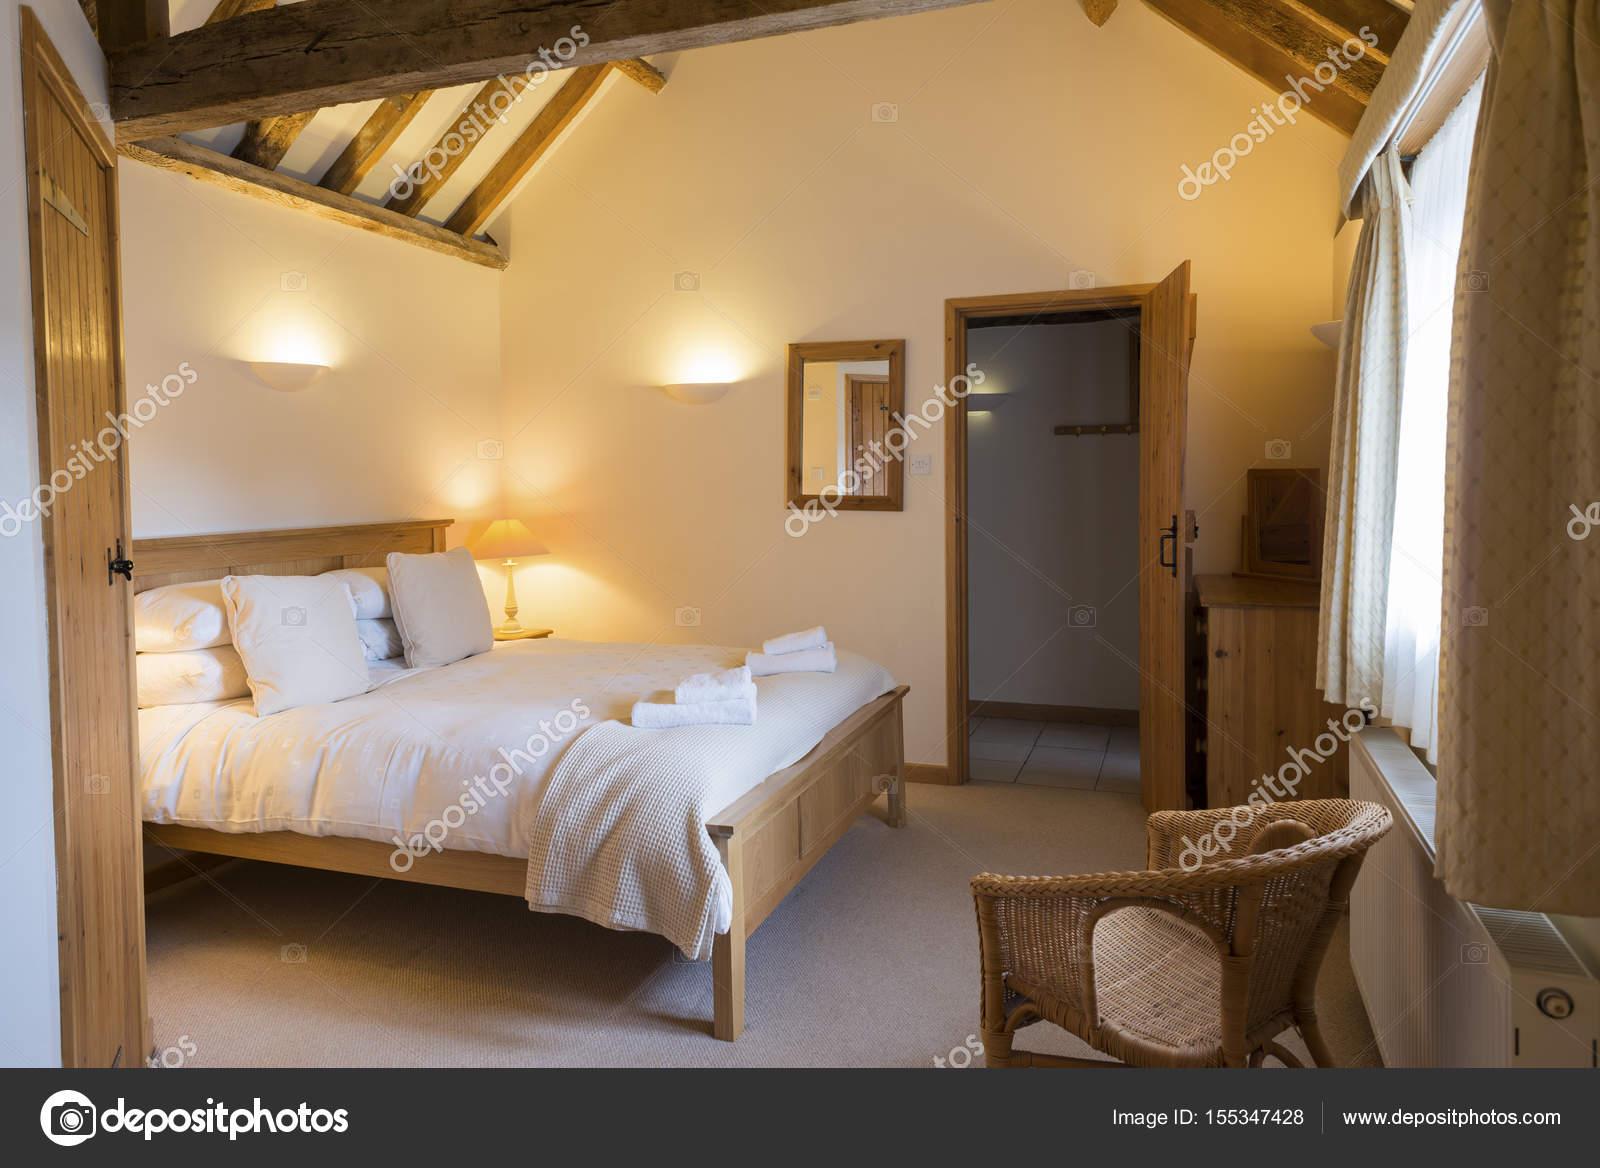 Ben illuminata completamente arredato Vacanze Cottage camera da ...